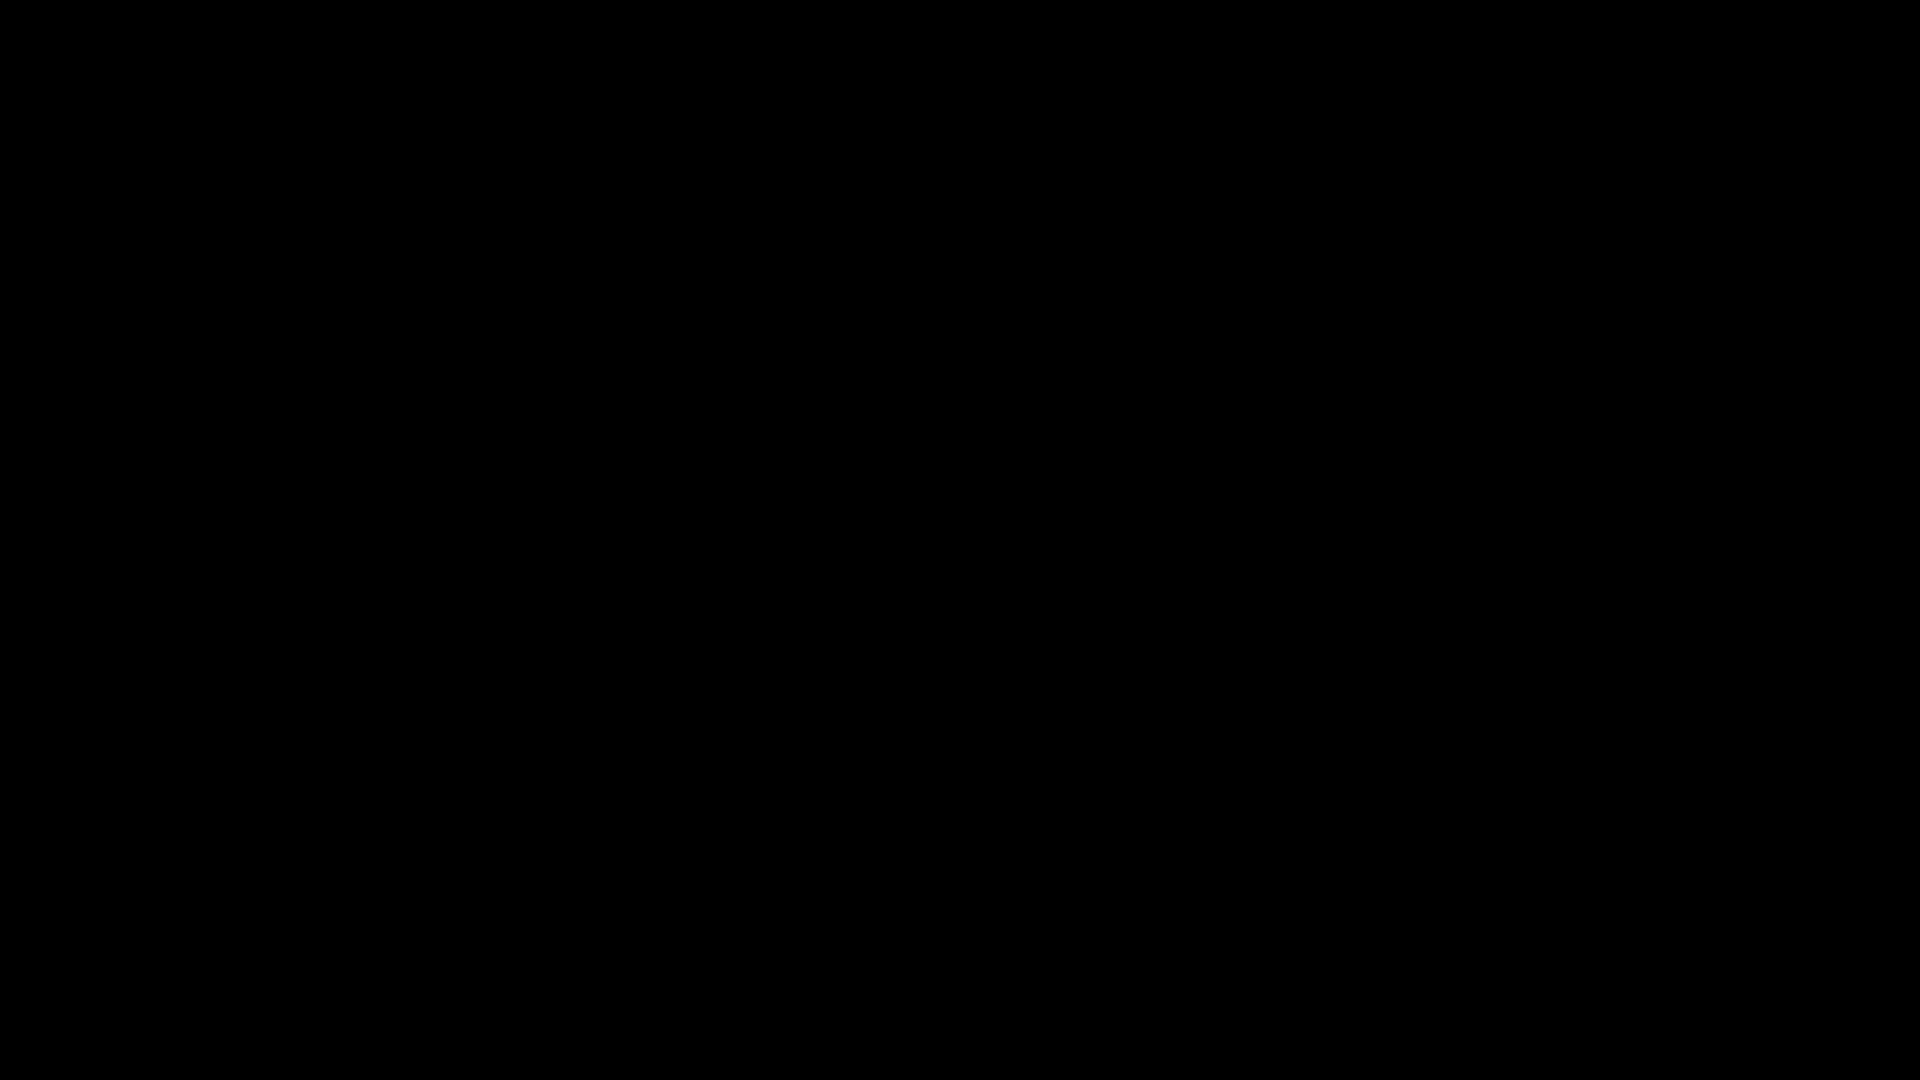 black-solid-color-background